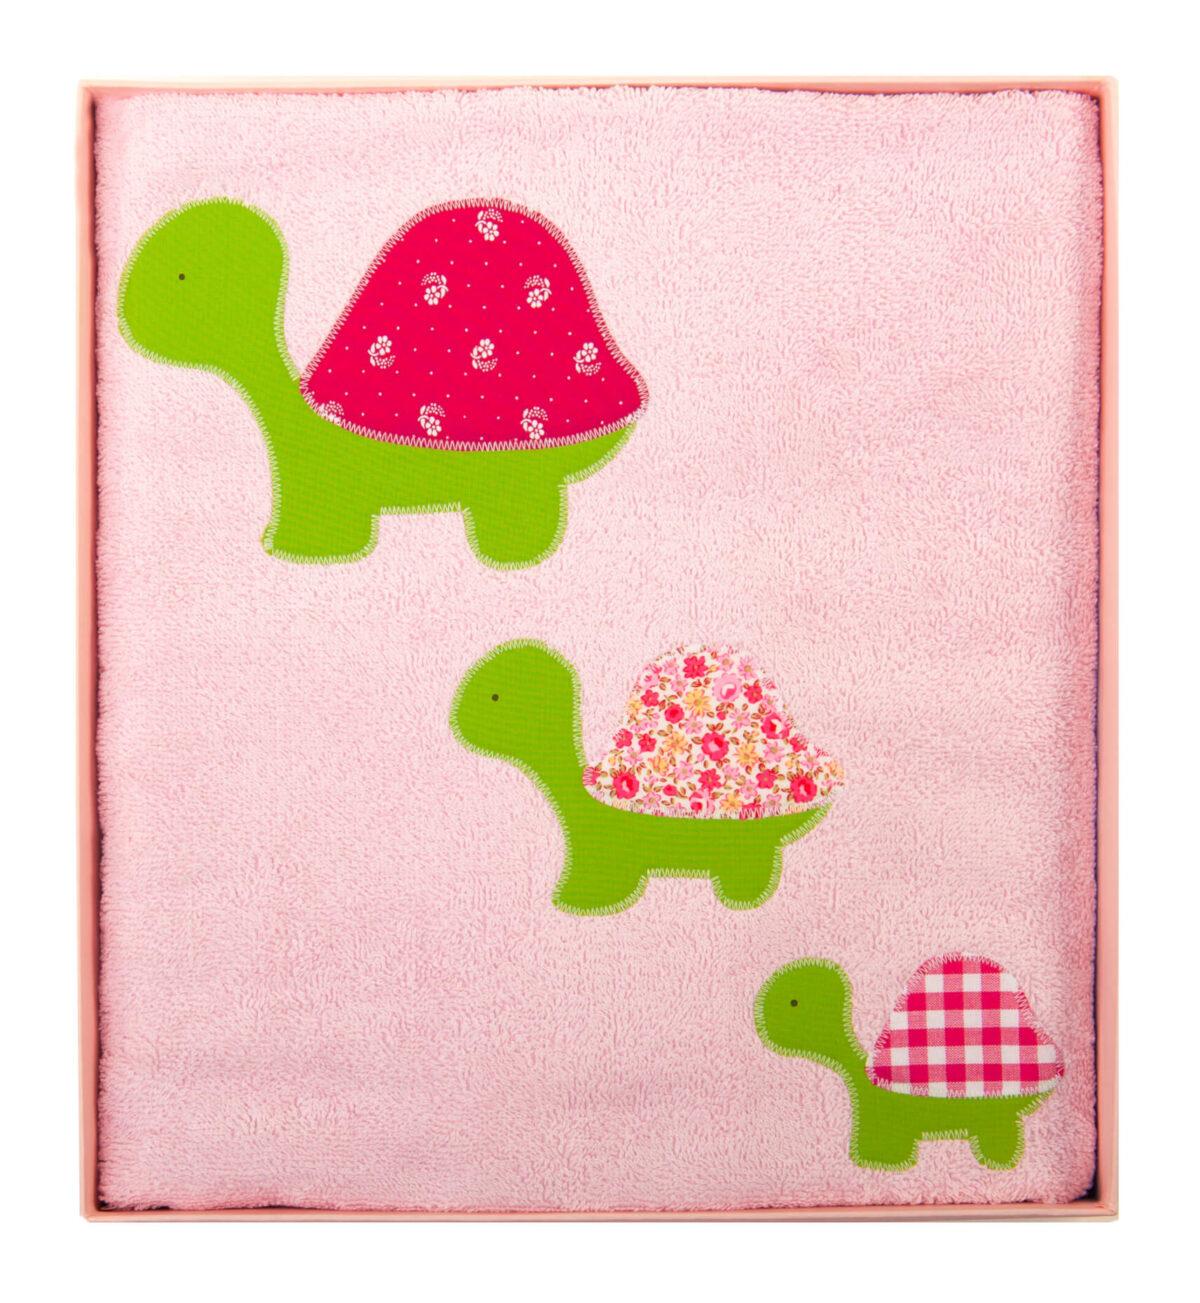 Badetuch rosa mit grün/rosa Schildkröten